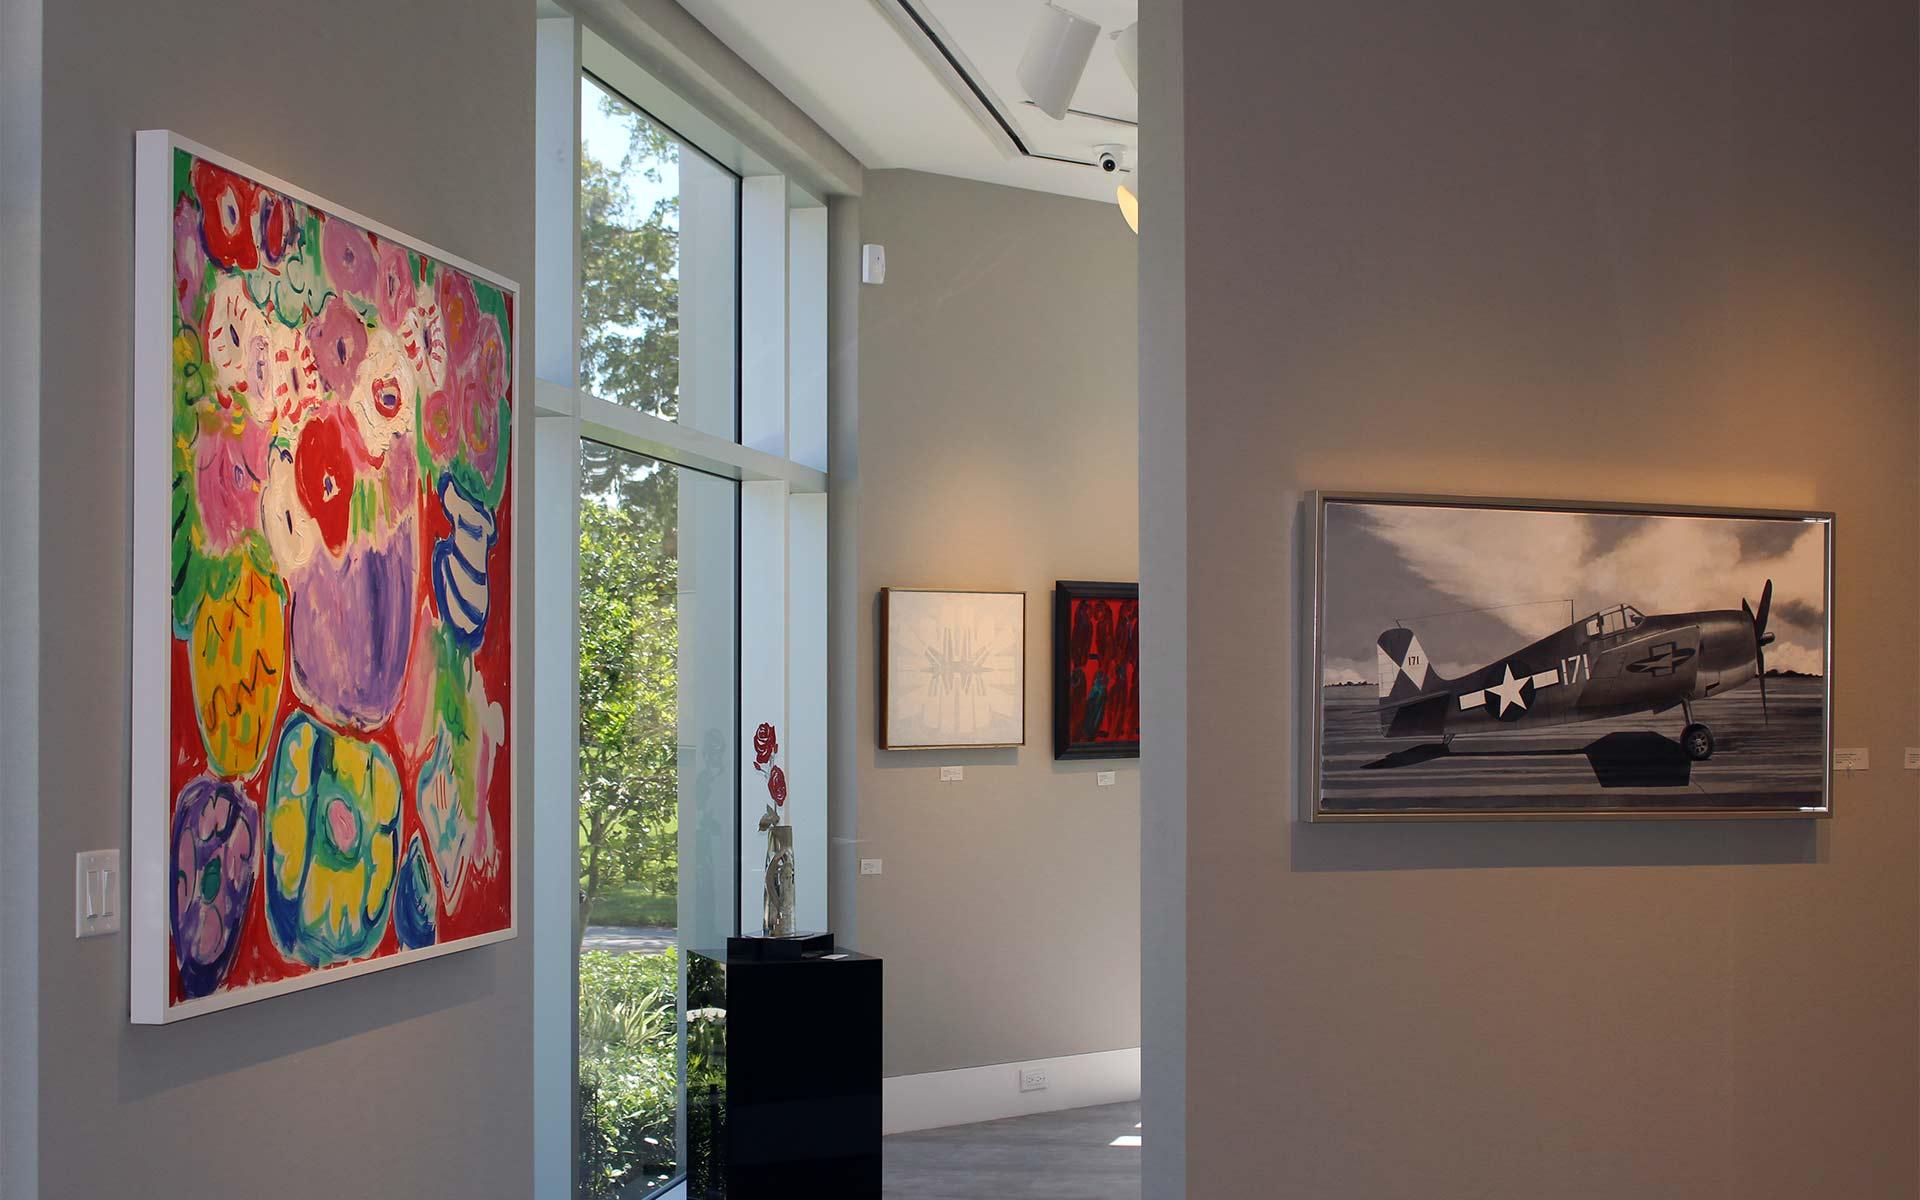 Harmon-Meek Modern Gallery